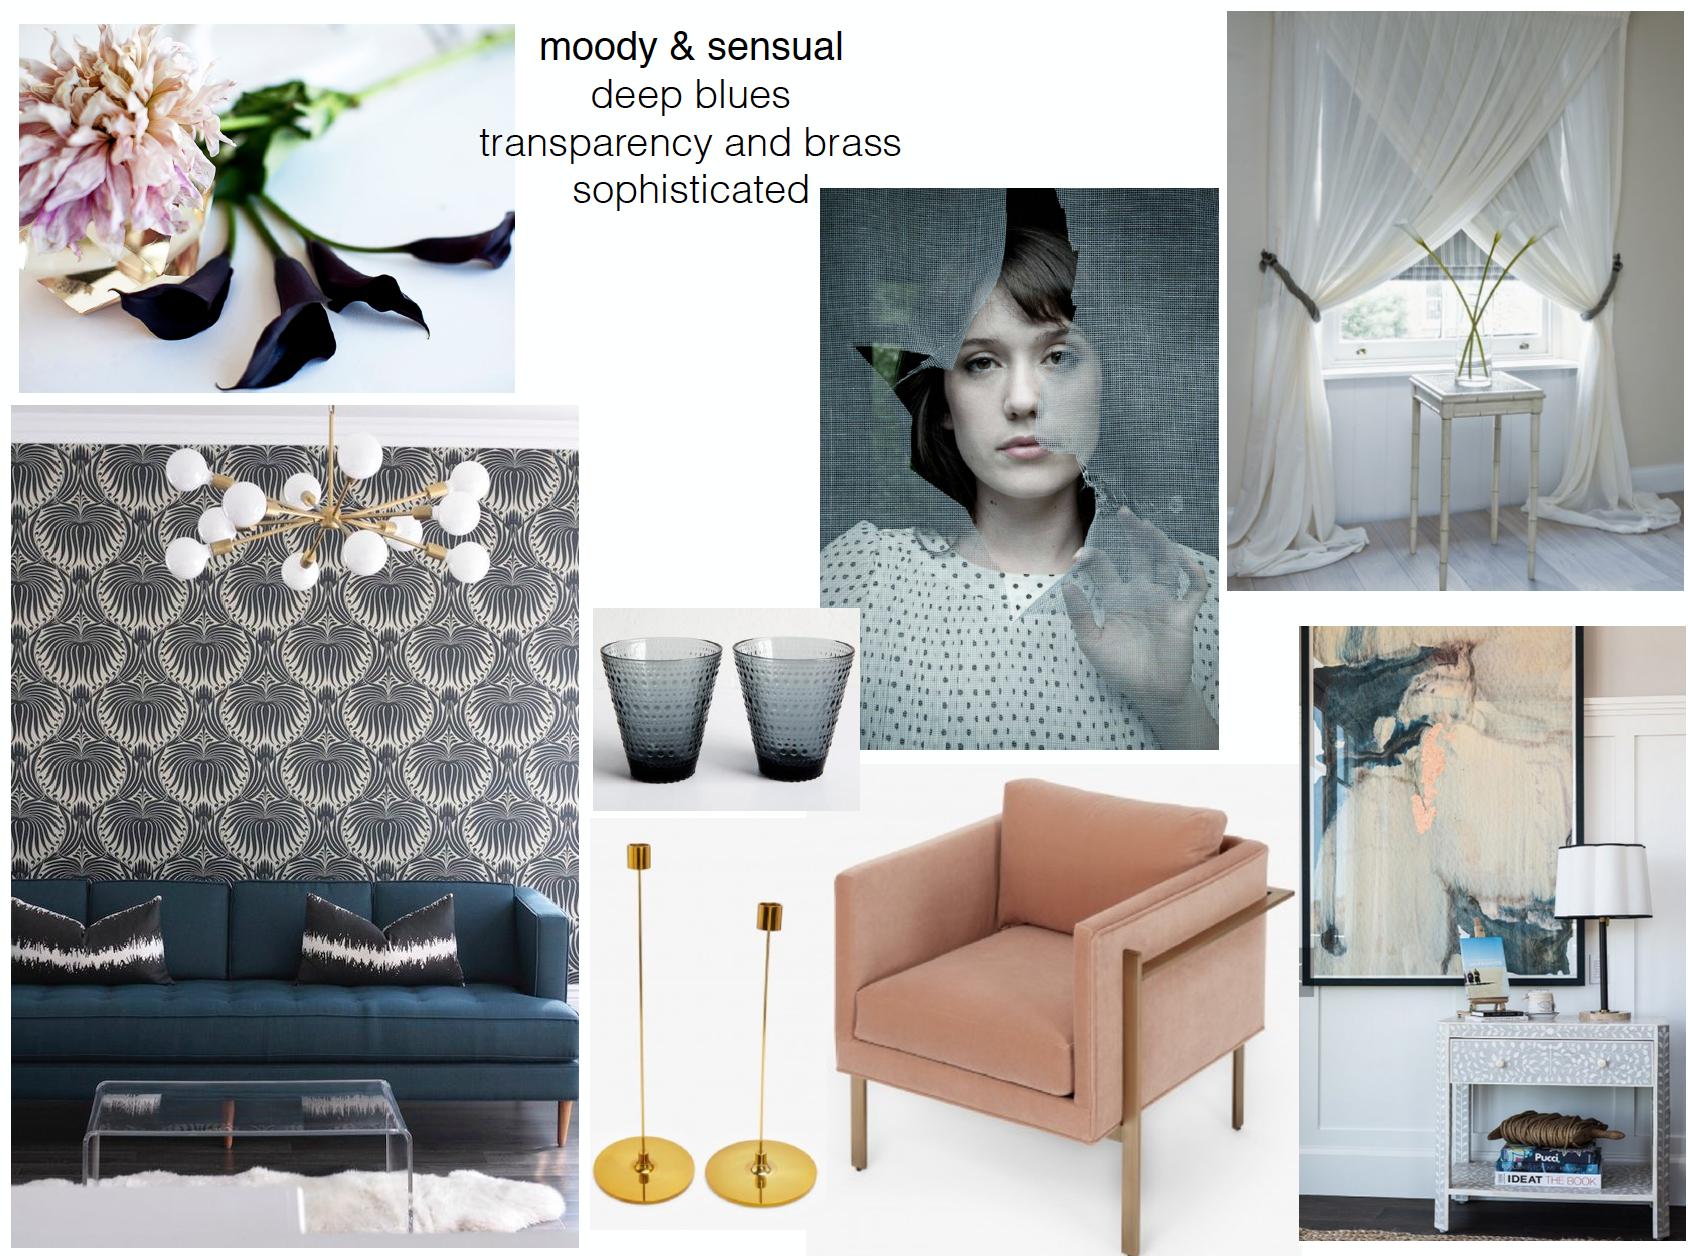 concept boards - Moody & Sensual